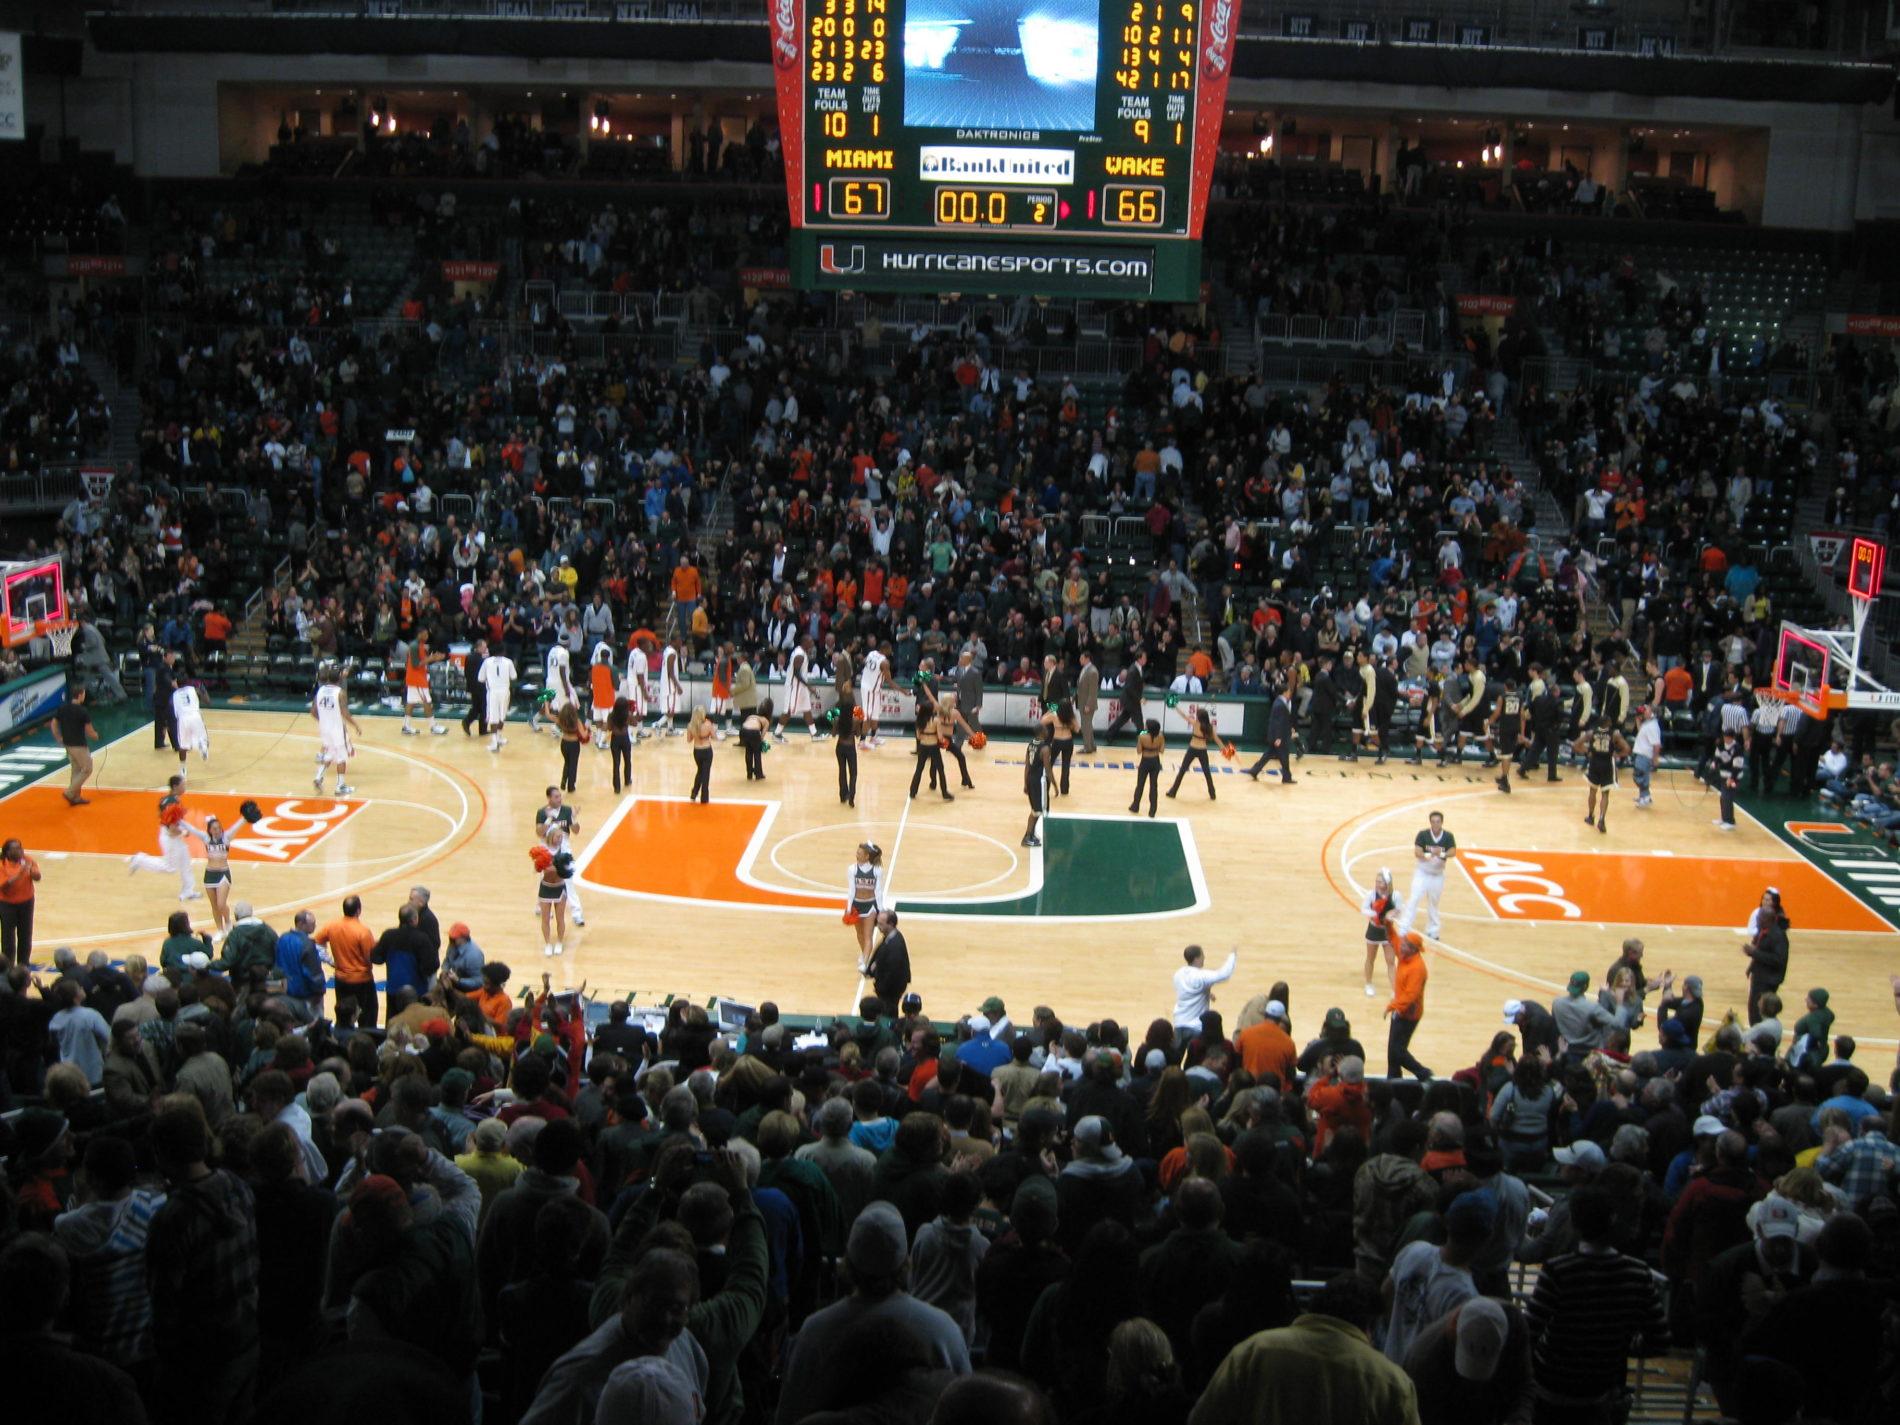 free sports picks, winning sports picks, college basketball sports picks, free sports picks in NCAA